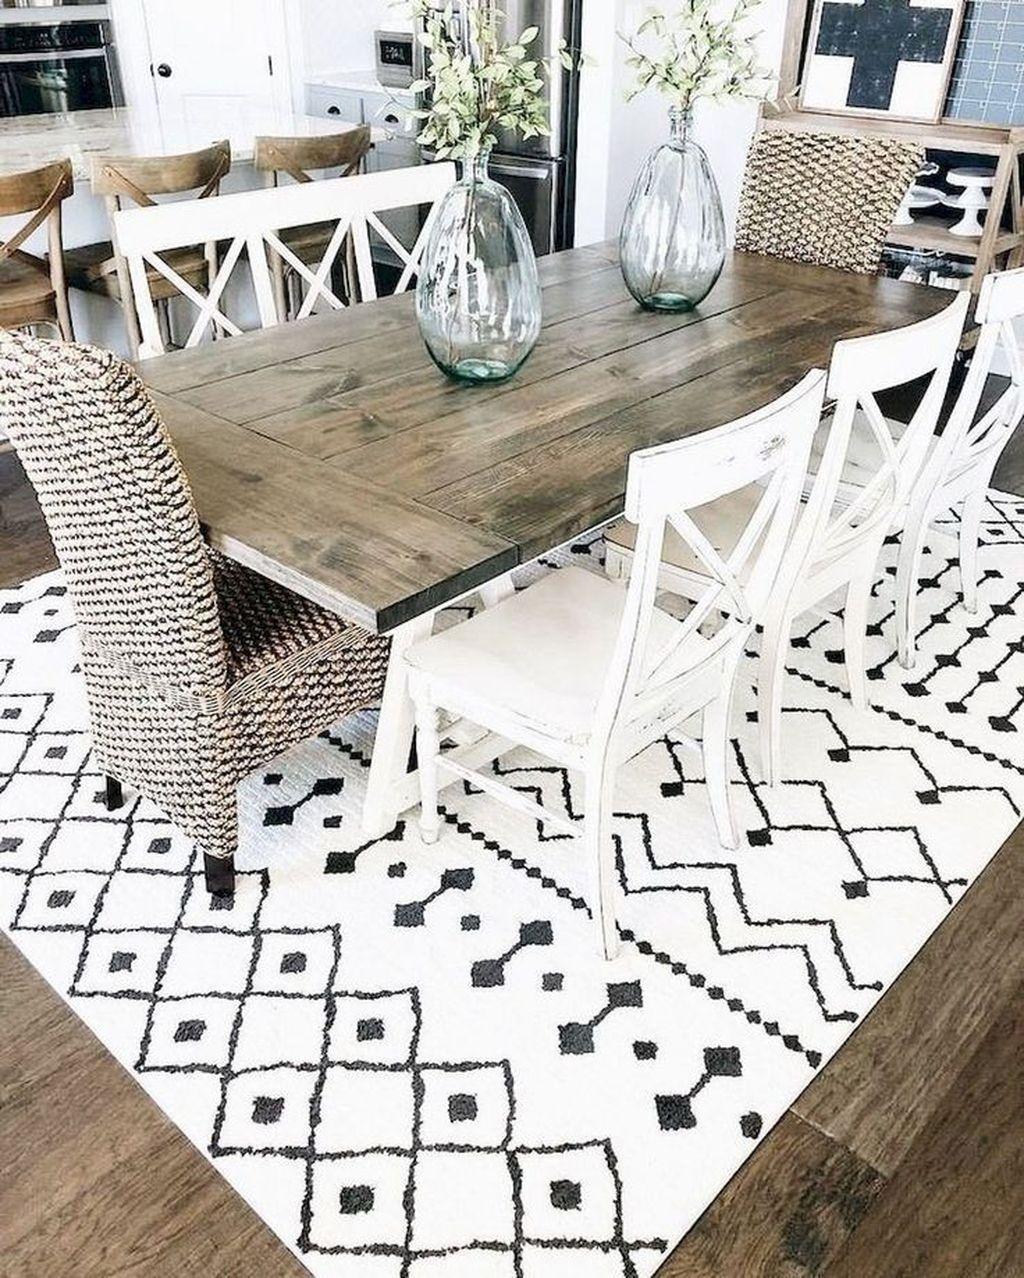 43 Minimalist Dining Room Decor Ideas With Farmhouse Style #modernfarmhousestyle